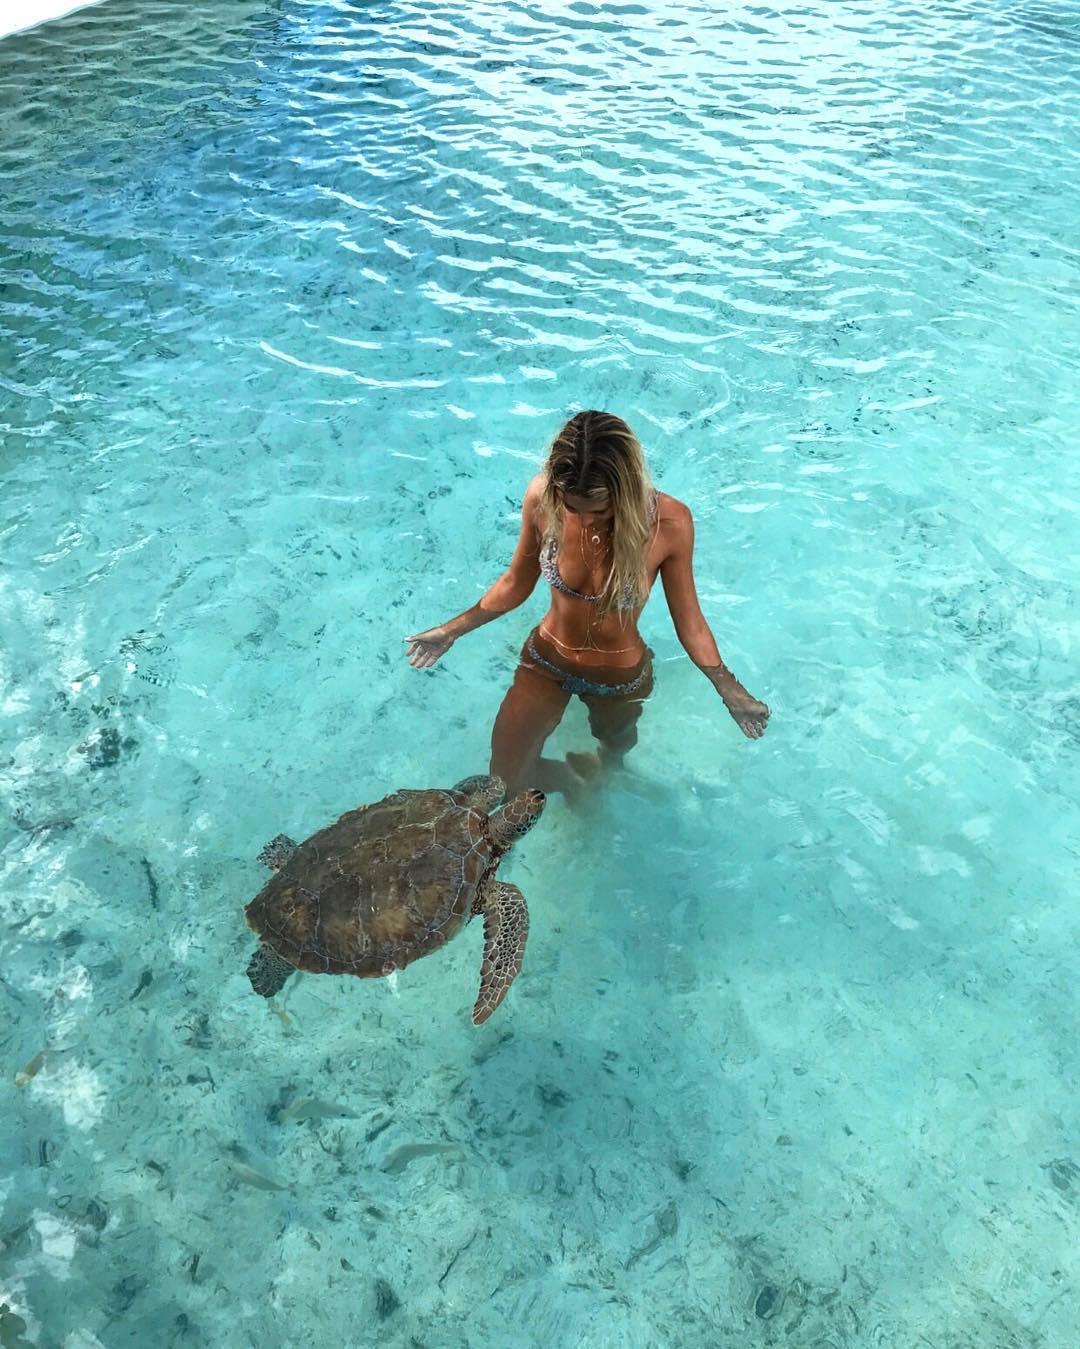 22-летняя студентка путешествует по экзотическим местам и делает снимки с удивительными животными